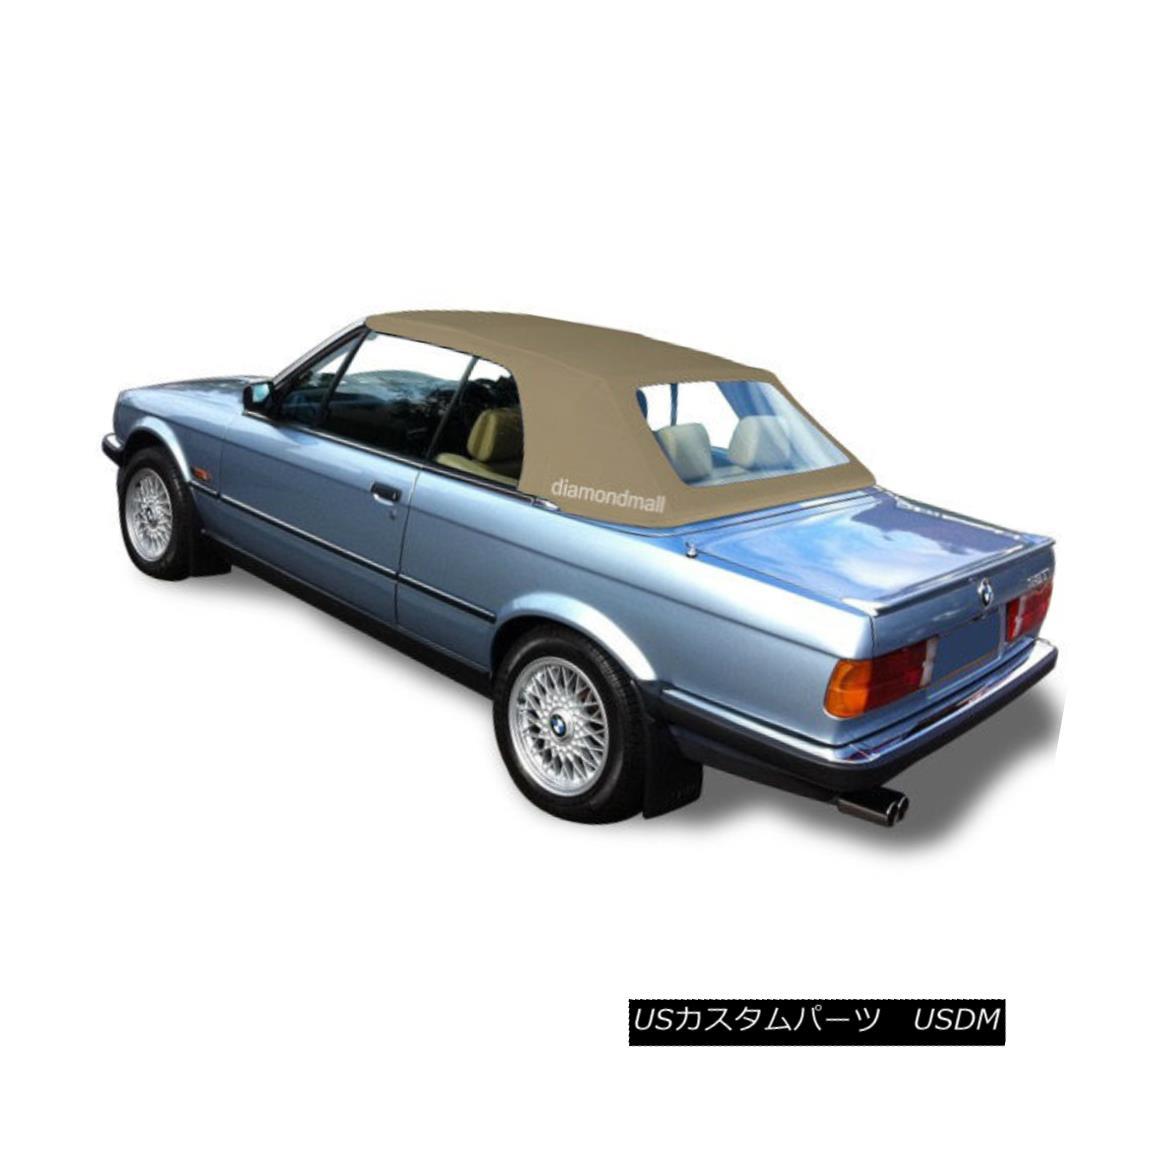 幌・ソフトトップ BMW E30 Convertible Soft Top & Plastic Window 3 series 1986-1993 Tan Stayfast BMW E30コンバーチブルソフトトップ& プラスチック窓3シリーズ1986-1993 Tan Stayfast